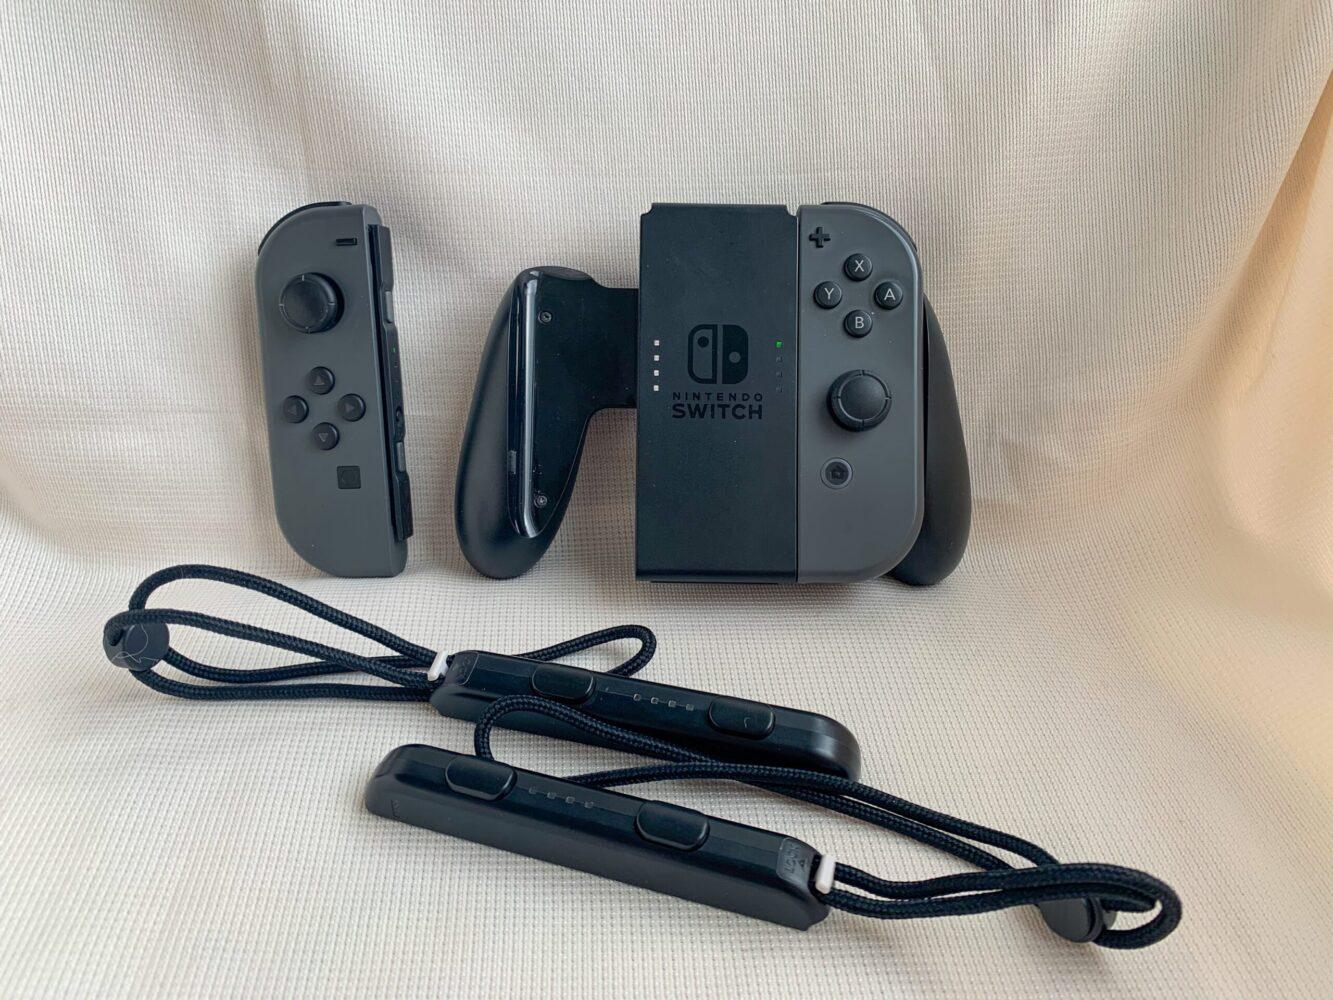 Het Gezinsleven - Gezinsactiviteiten - Speelgoed - De Nintendo Switch - Verschillende manier om een Joy-con controller te gebruiken 2